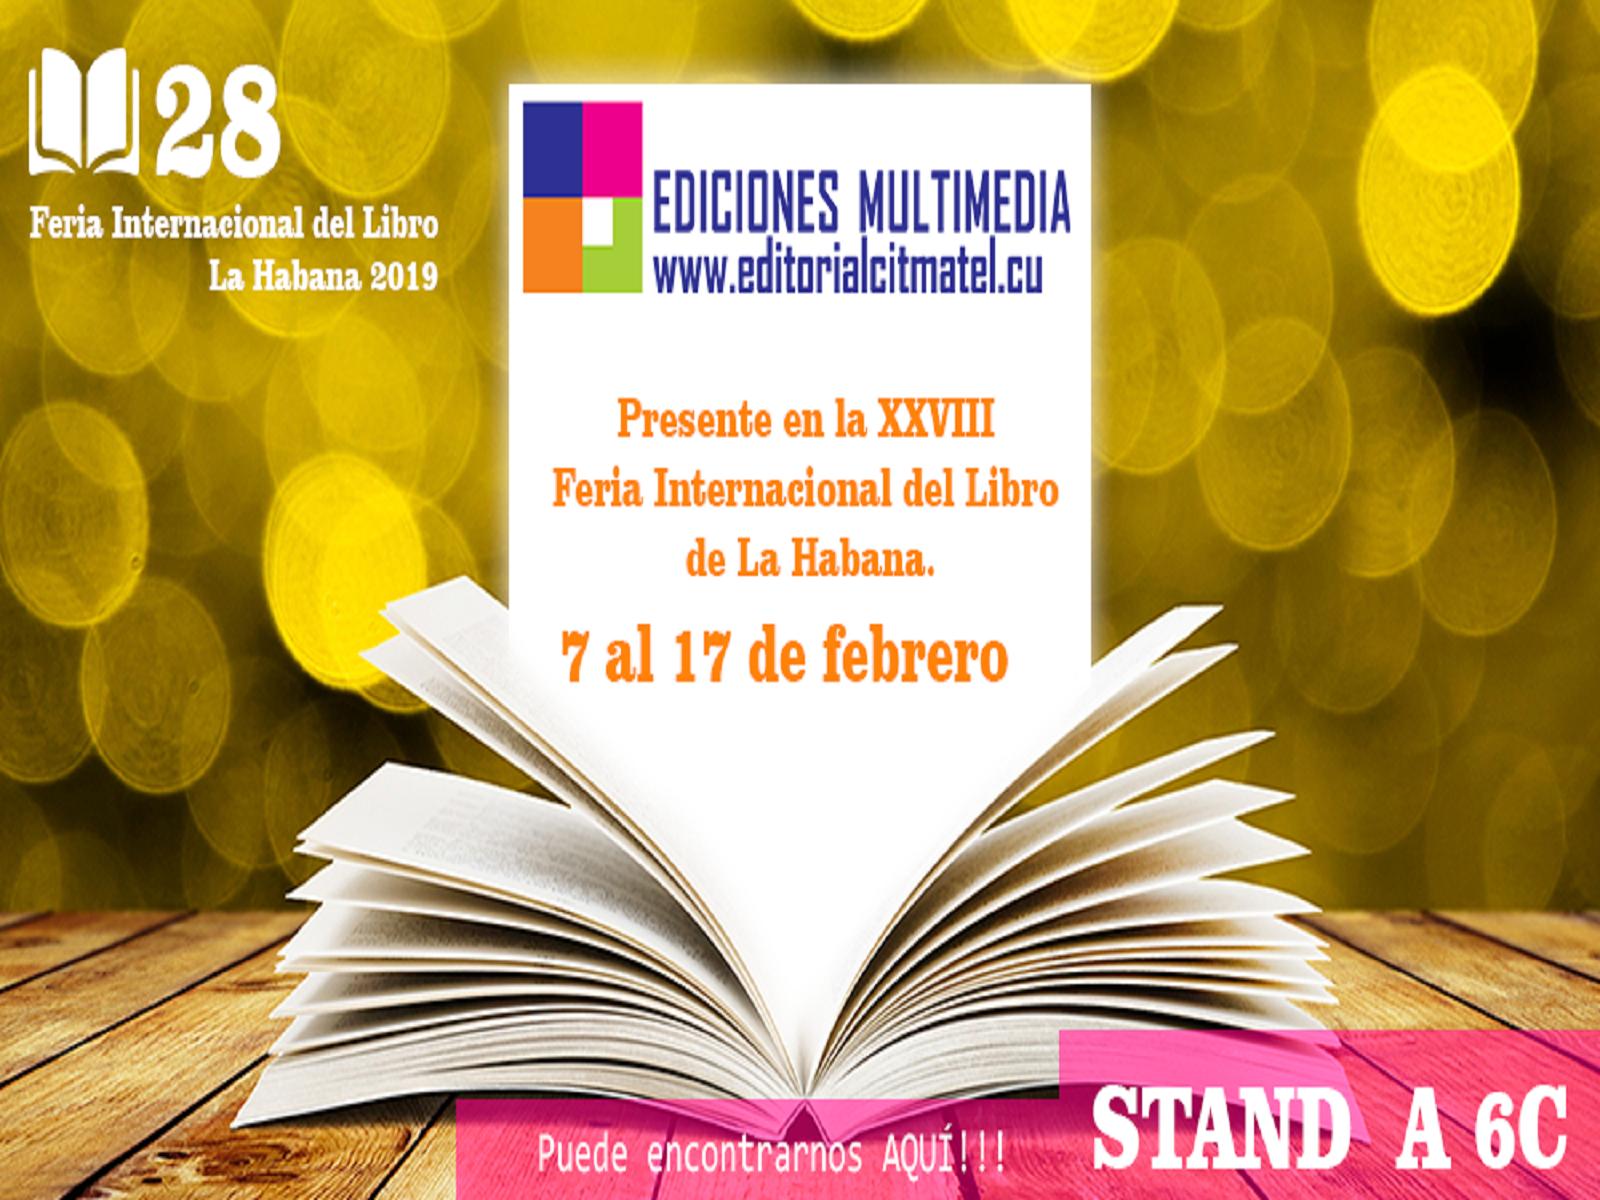 Editorial Citmatel en Feria del Libro del La Habana 2019